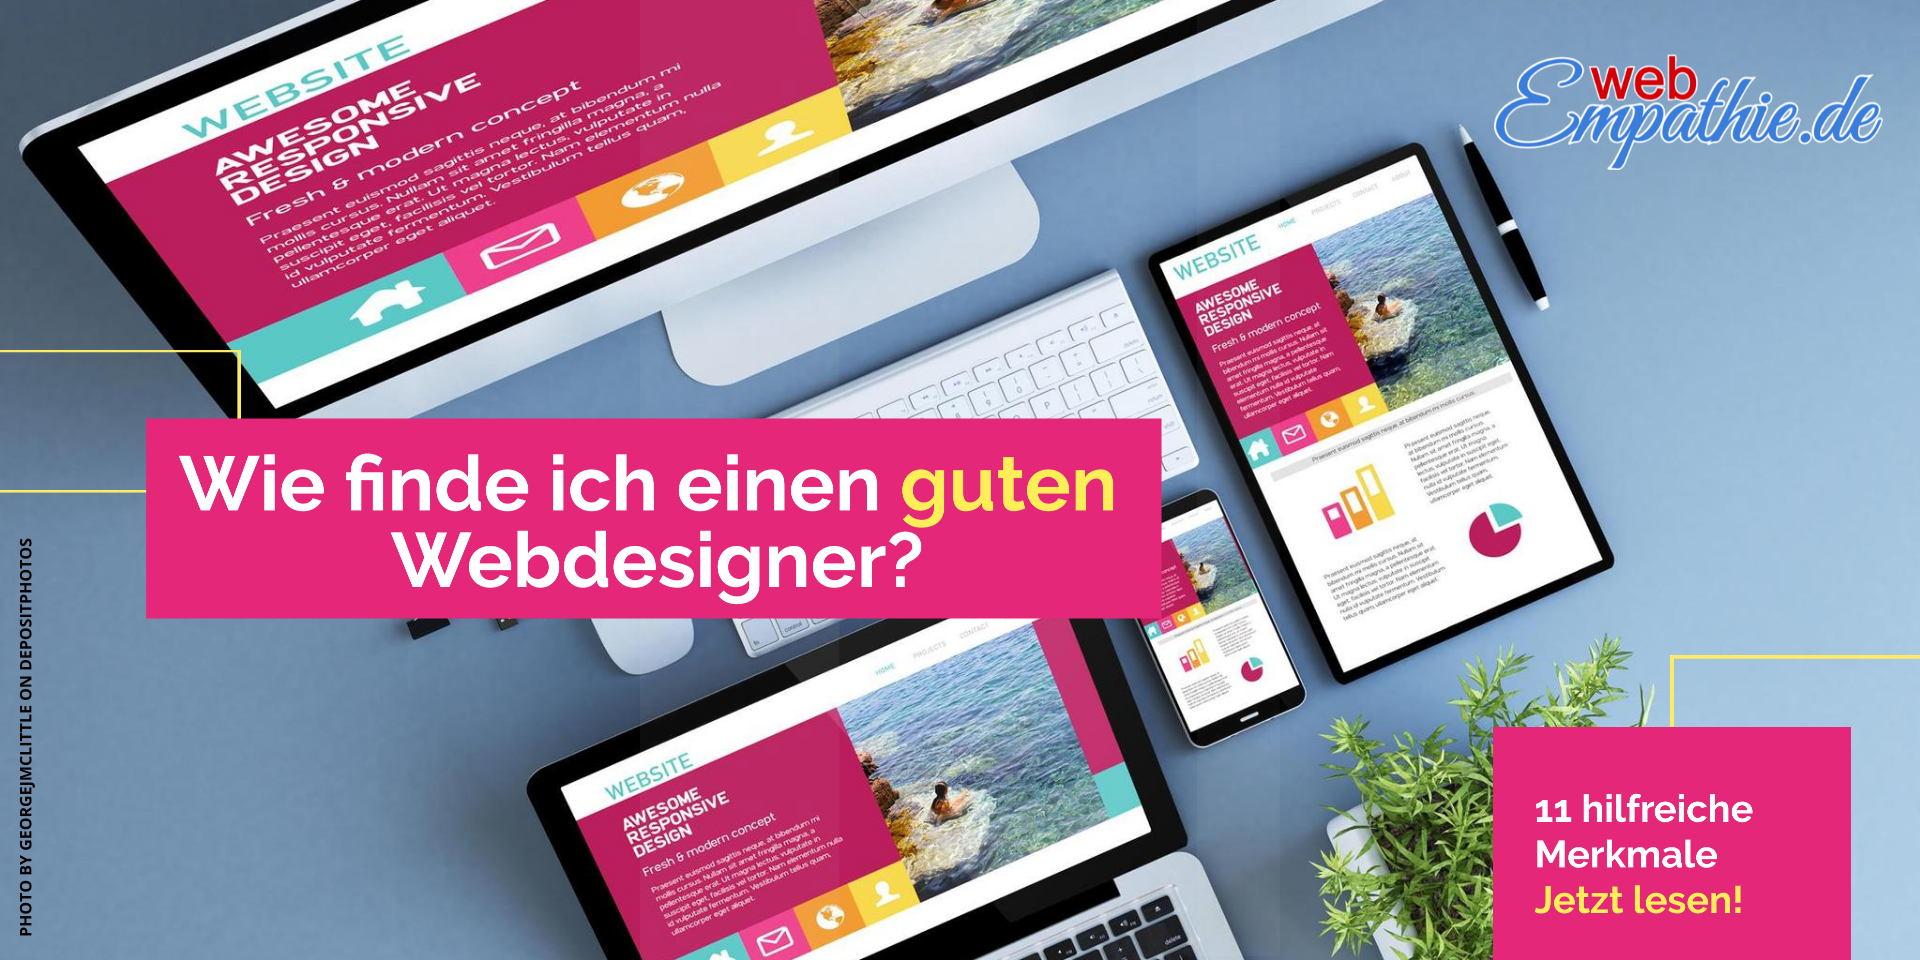 Wie finde ich einen guten Webdesigner -Ein sehr guter Webdesigner muss her